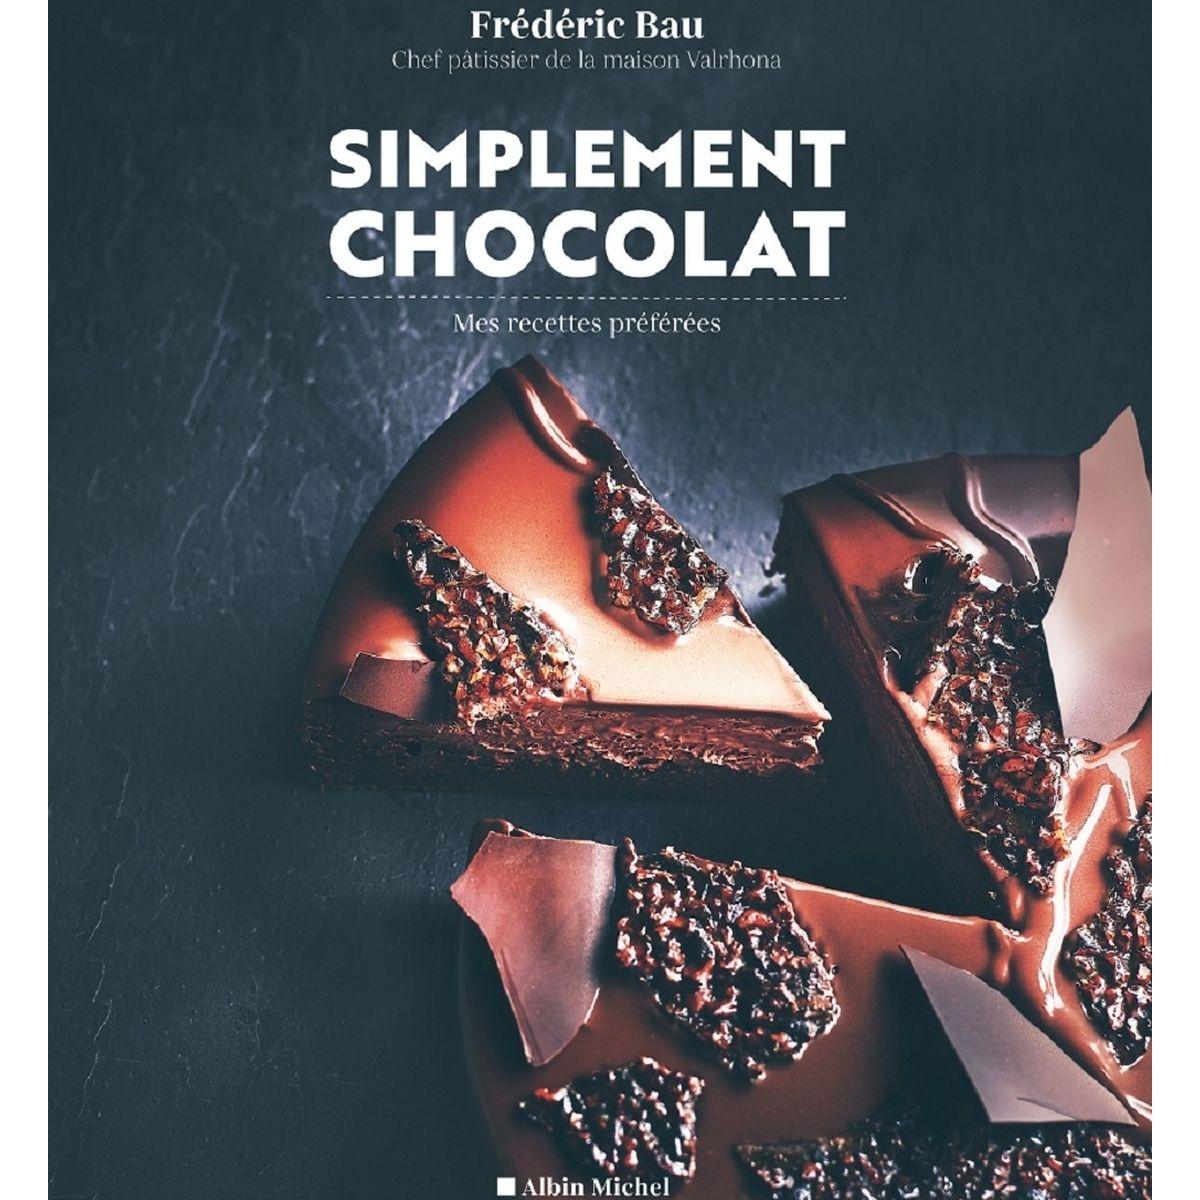 Simplement chocolat, mes recettes préférées de Frédéric Bau - Albin Michel